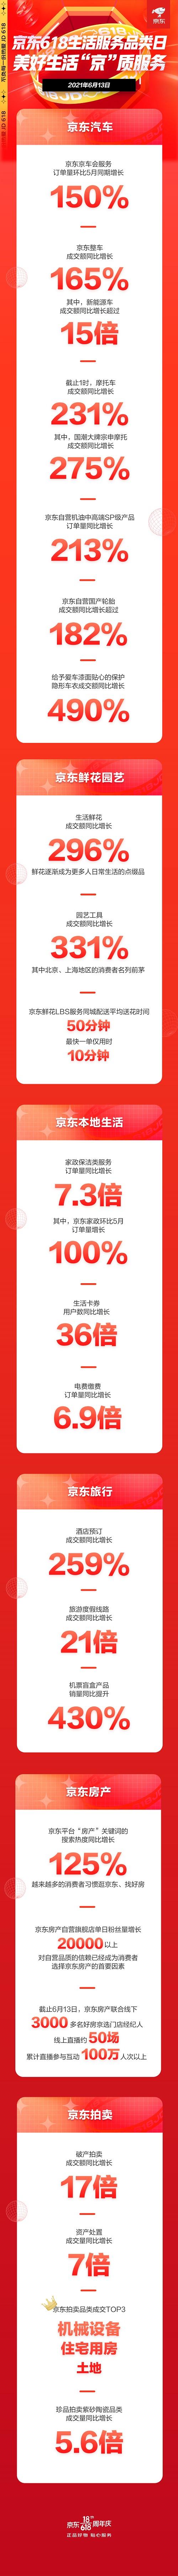 暑期出游已经安排!京东618生活服务品类日旅游度假线路同比增长21倍